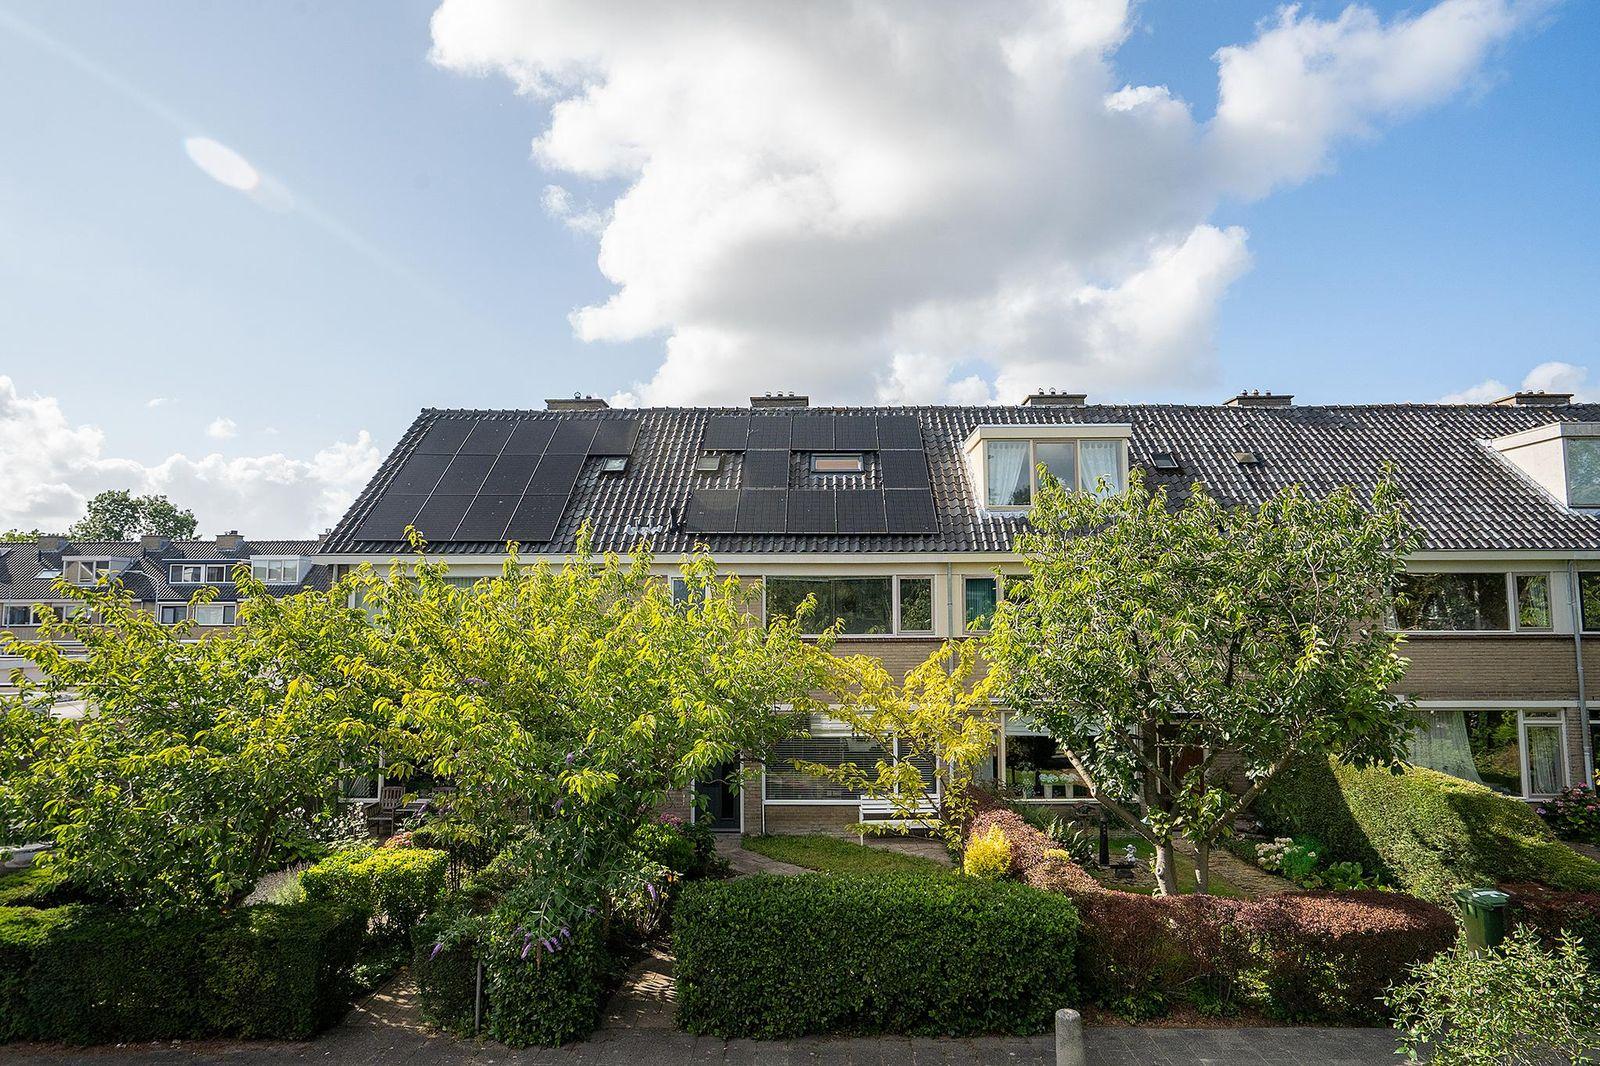 Wageningenstraat 36, Nieuw-vennep